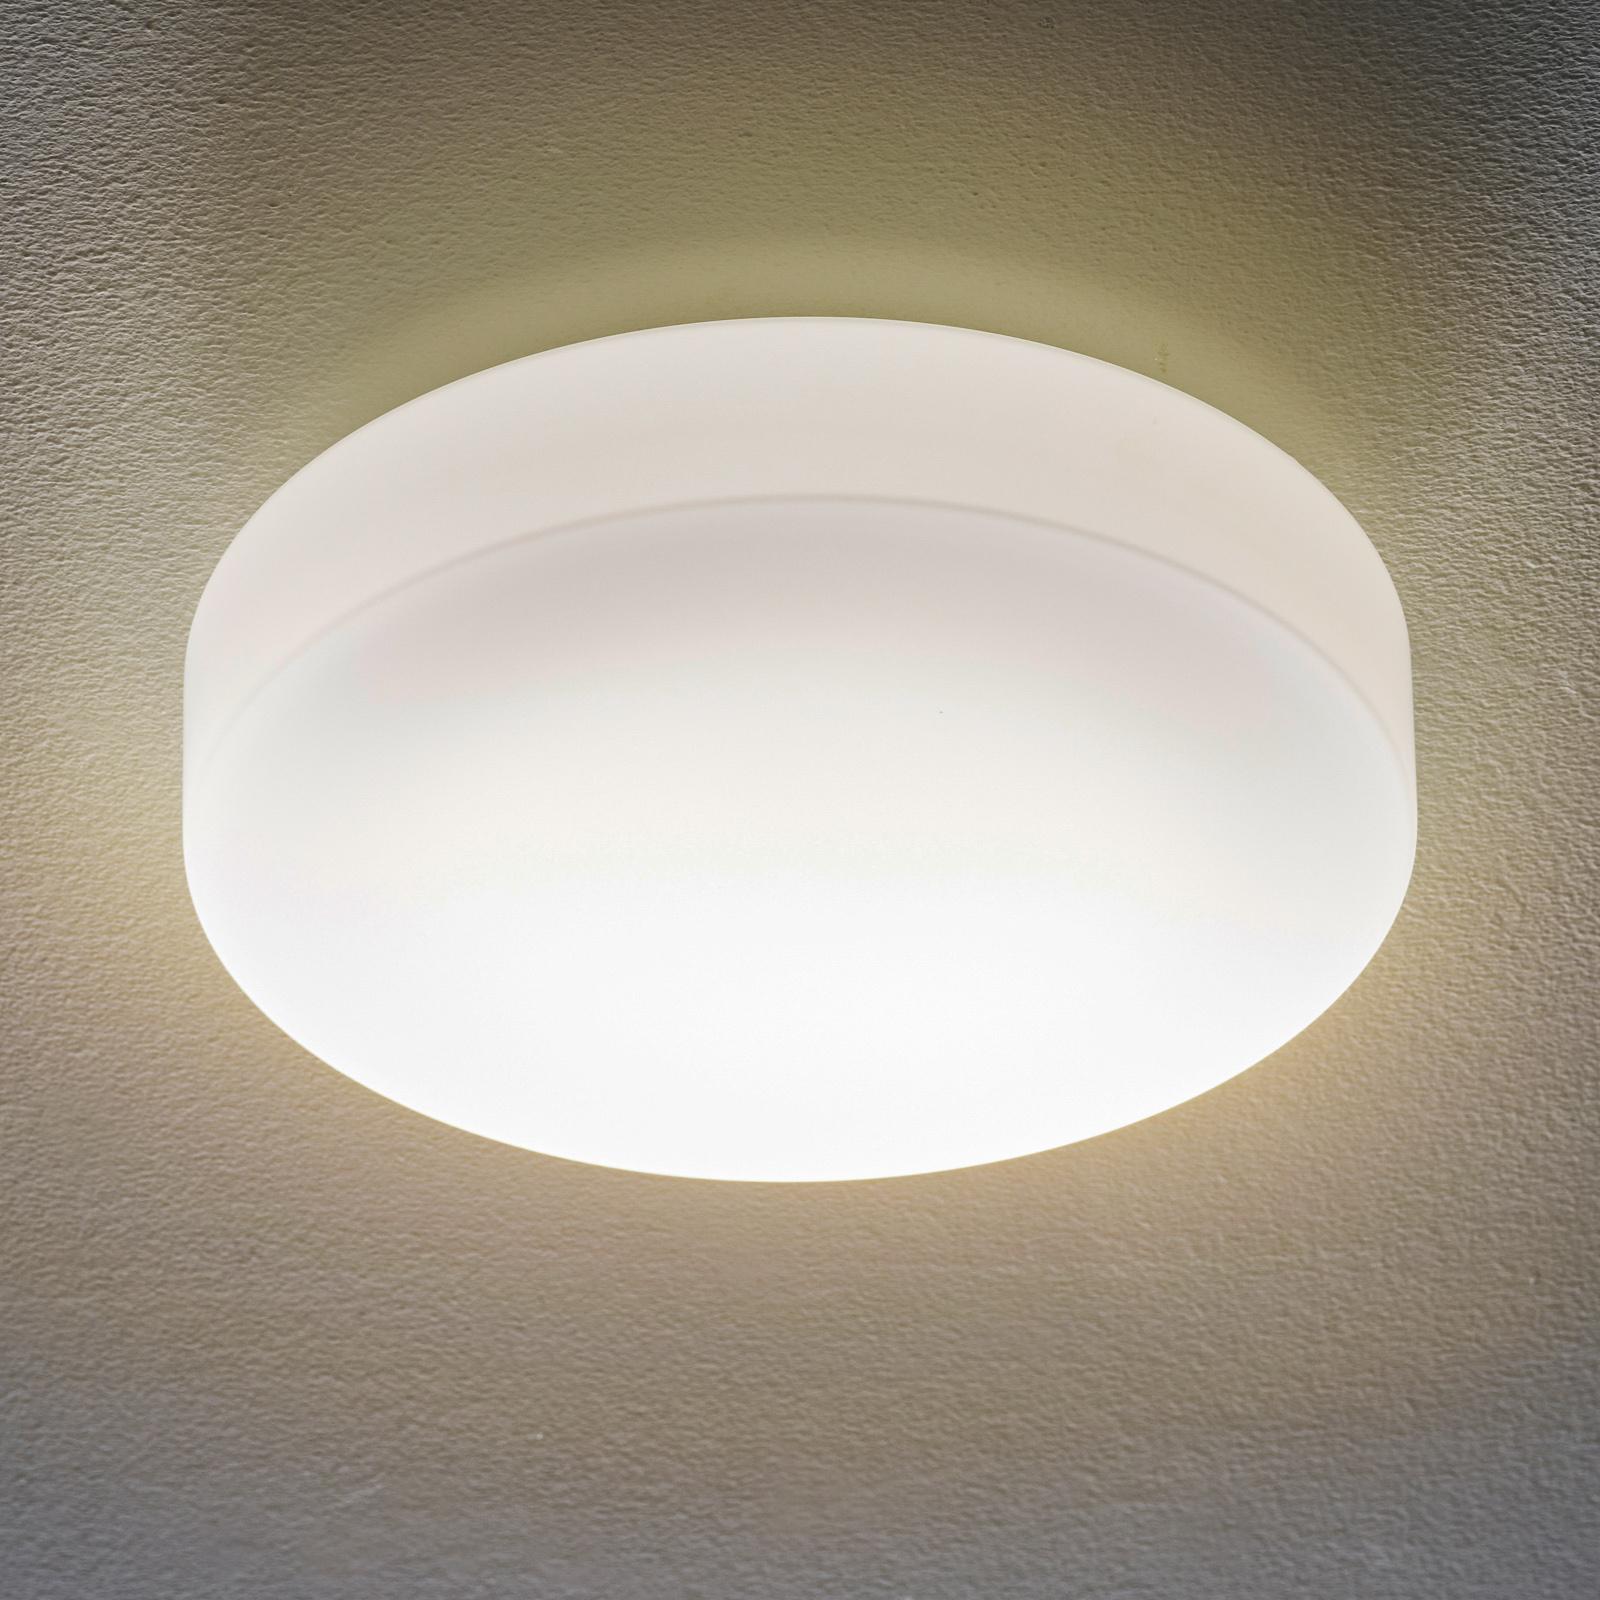 BEGA 34287 LED-loftlampe, glas DALI 4000 K Ø 34 cm